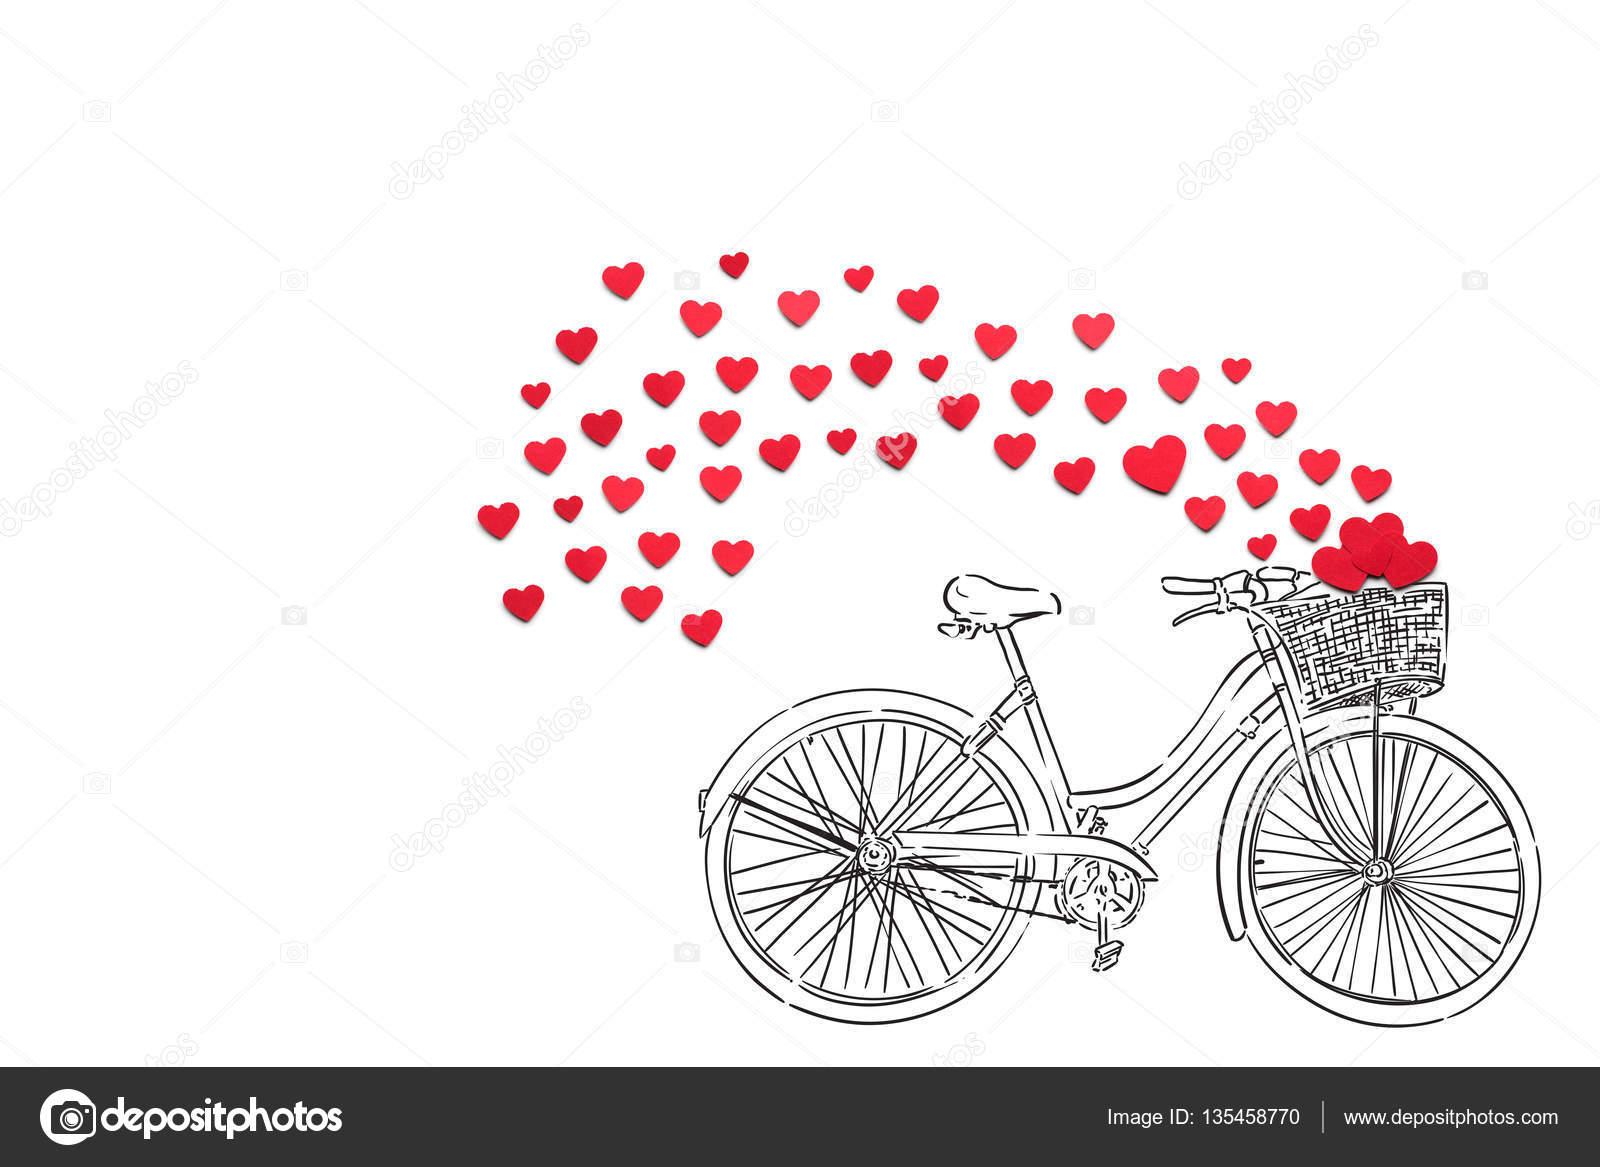 b179b6dd69401 Foto de concepto creativo San Valentín corazones y ilustrado bicicleta  sobre fondo blanco - imágenes  bicicleta amor — Foto de fisher.photostudio  — Foto de ...